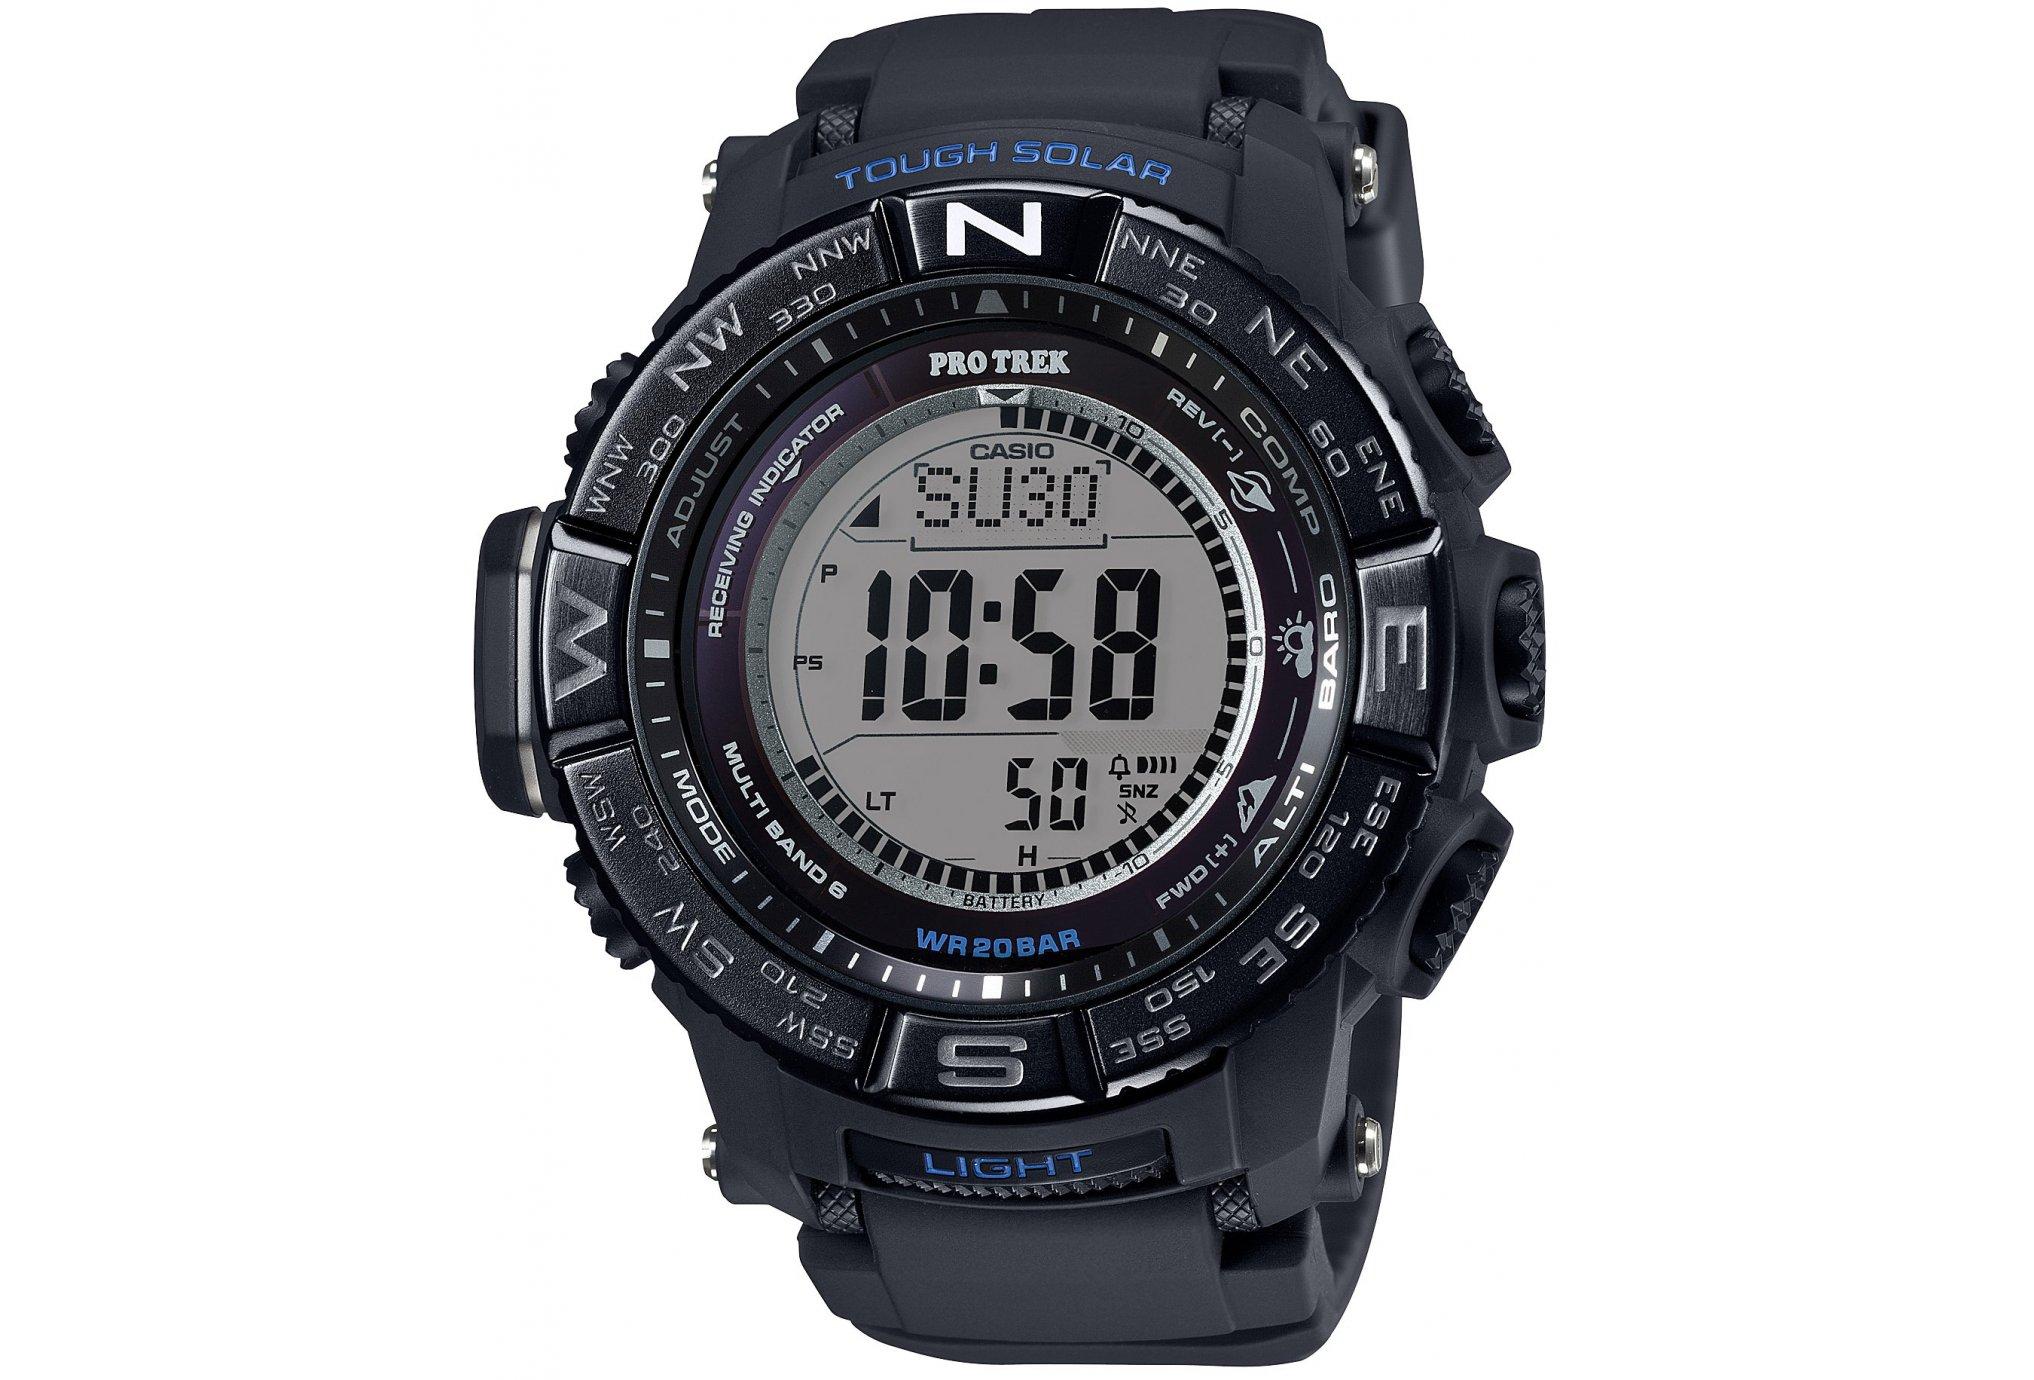 Casio Pro trek prw-3510y montres de sport